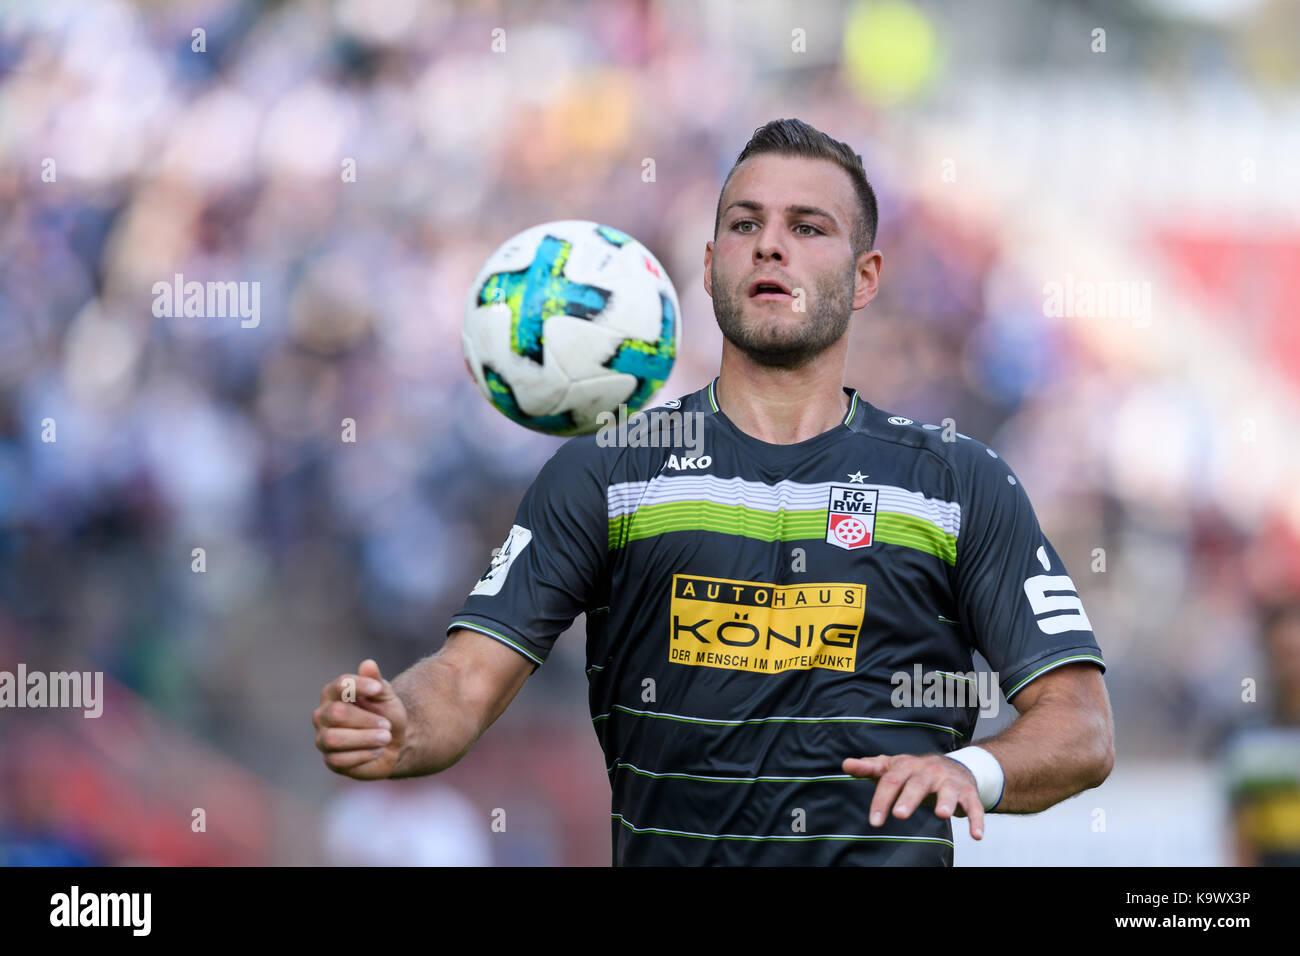 Karlsruhe, Deutschland. 24th Sep, 2017. Berkay Tolga Dabanli (RW) Einzelaktion, Freisteller. GES/ Fussball/ 3. Liga: - Stock Image